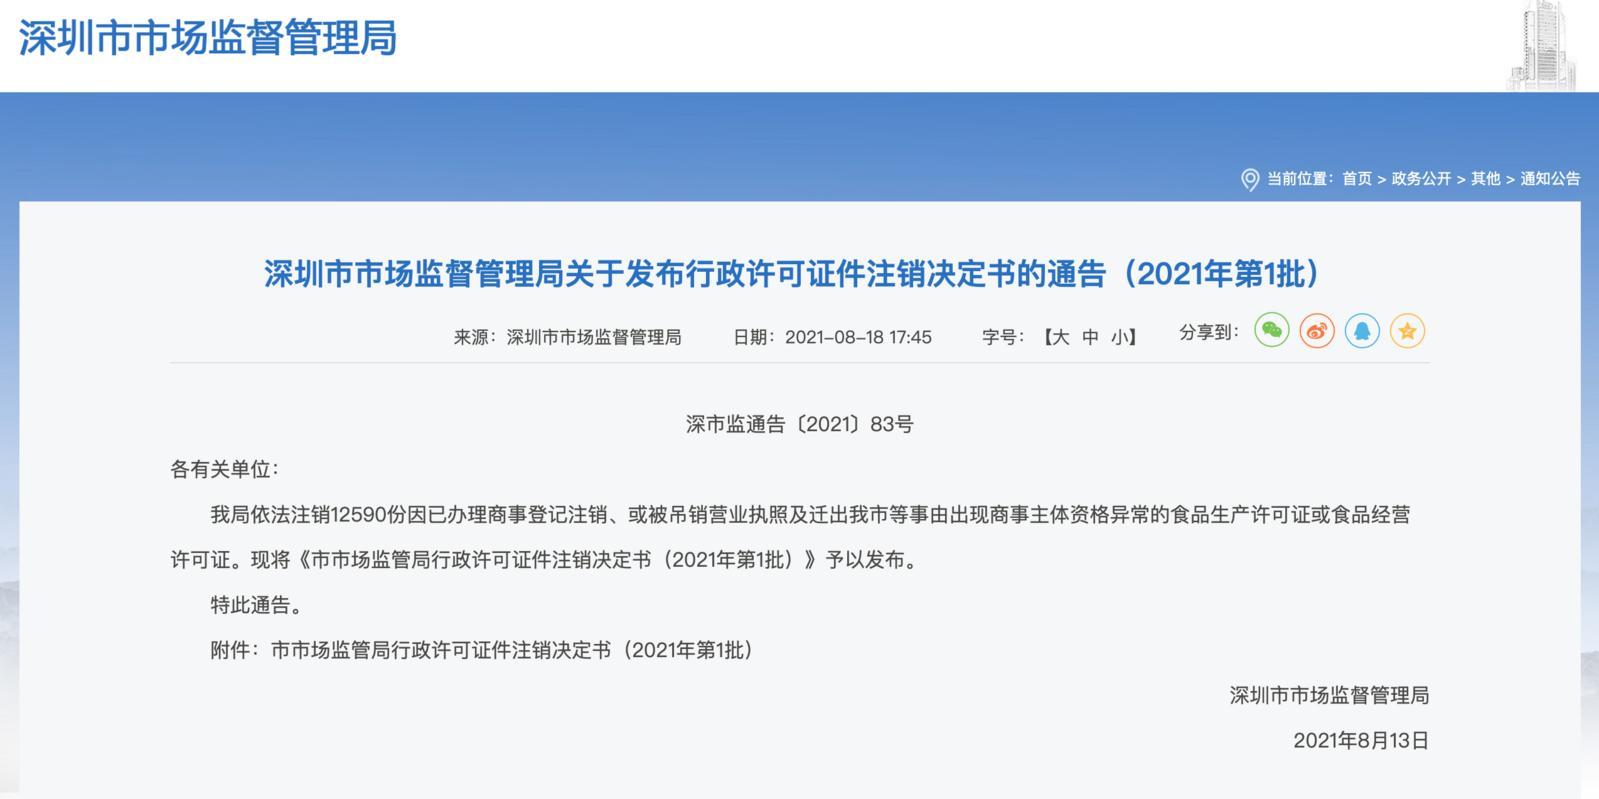 深圳外卖平台请注意!超1.2万份食品生产及经营许可证已注销